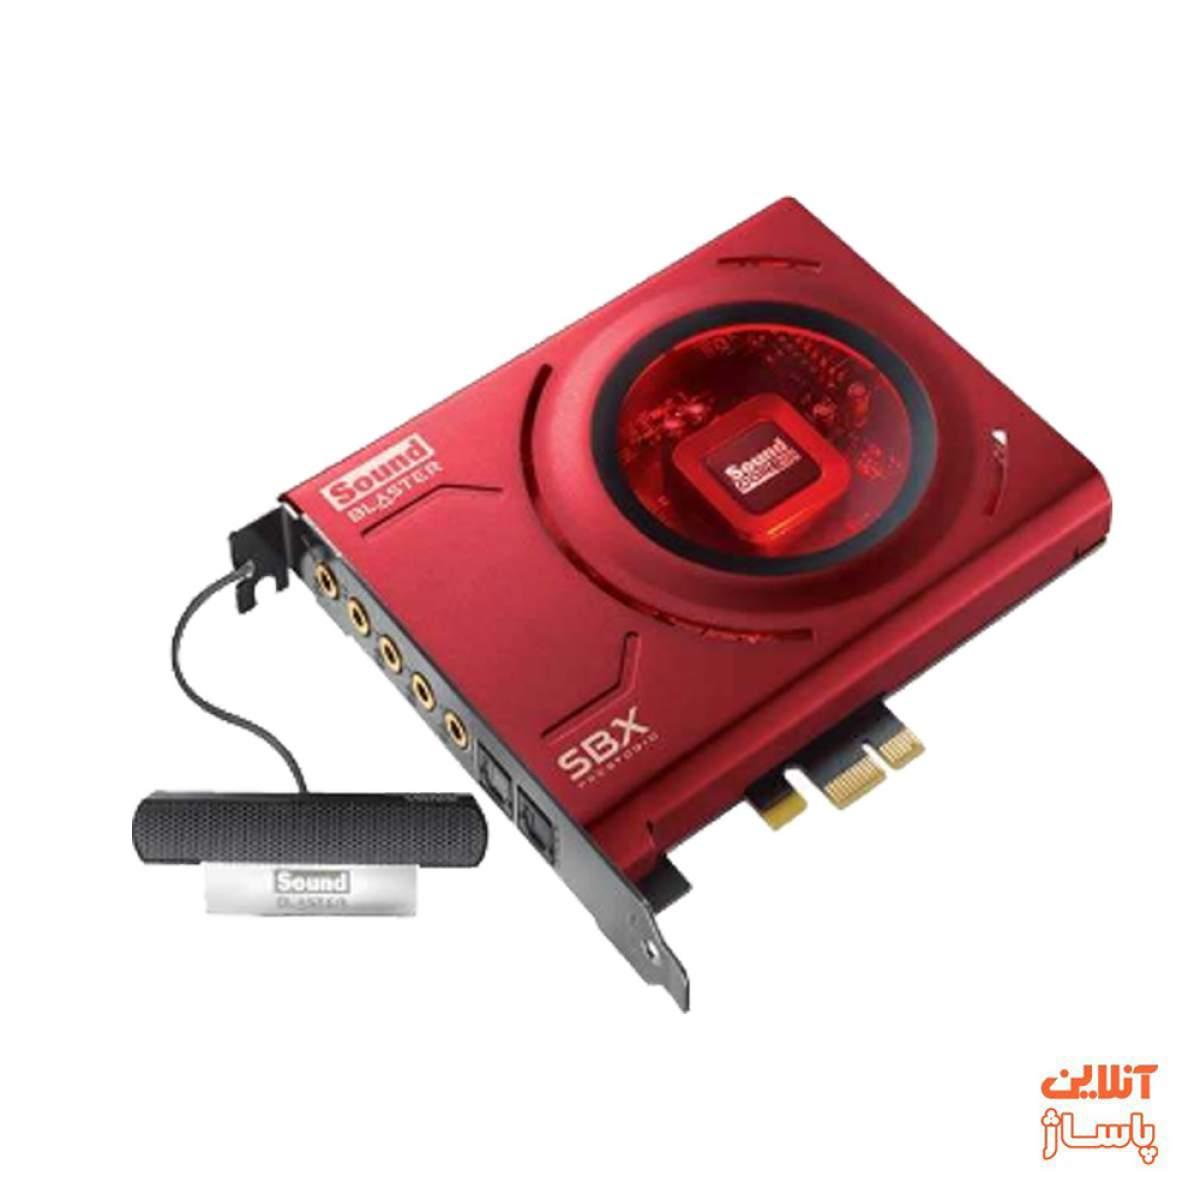 کارت صدای کریتیو مدل Sound Blaster Z